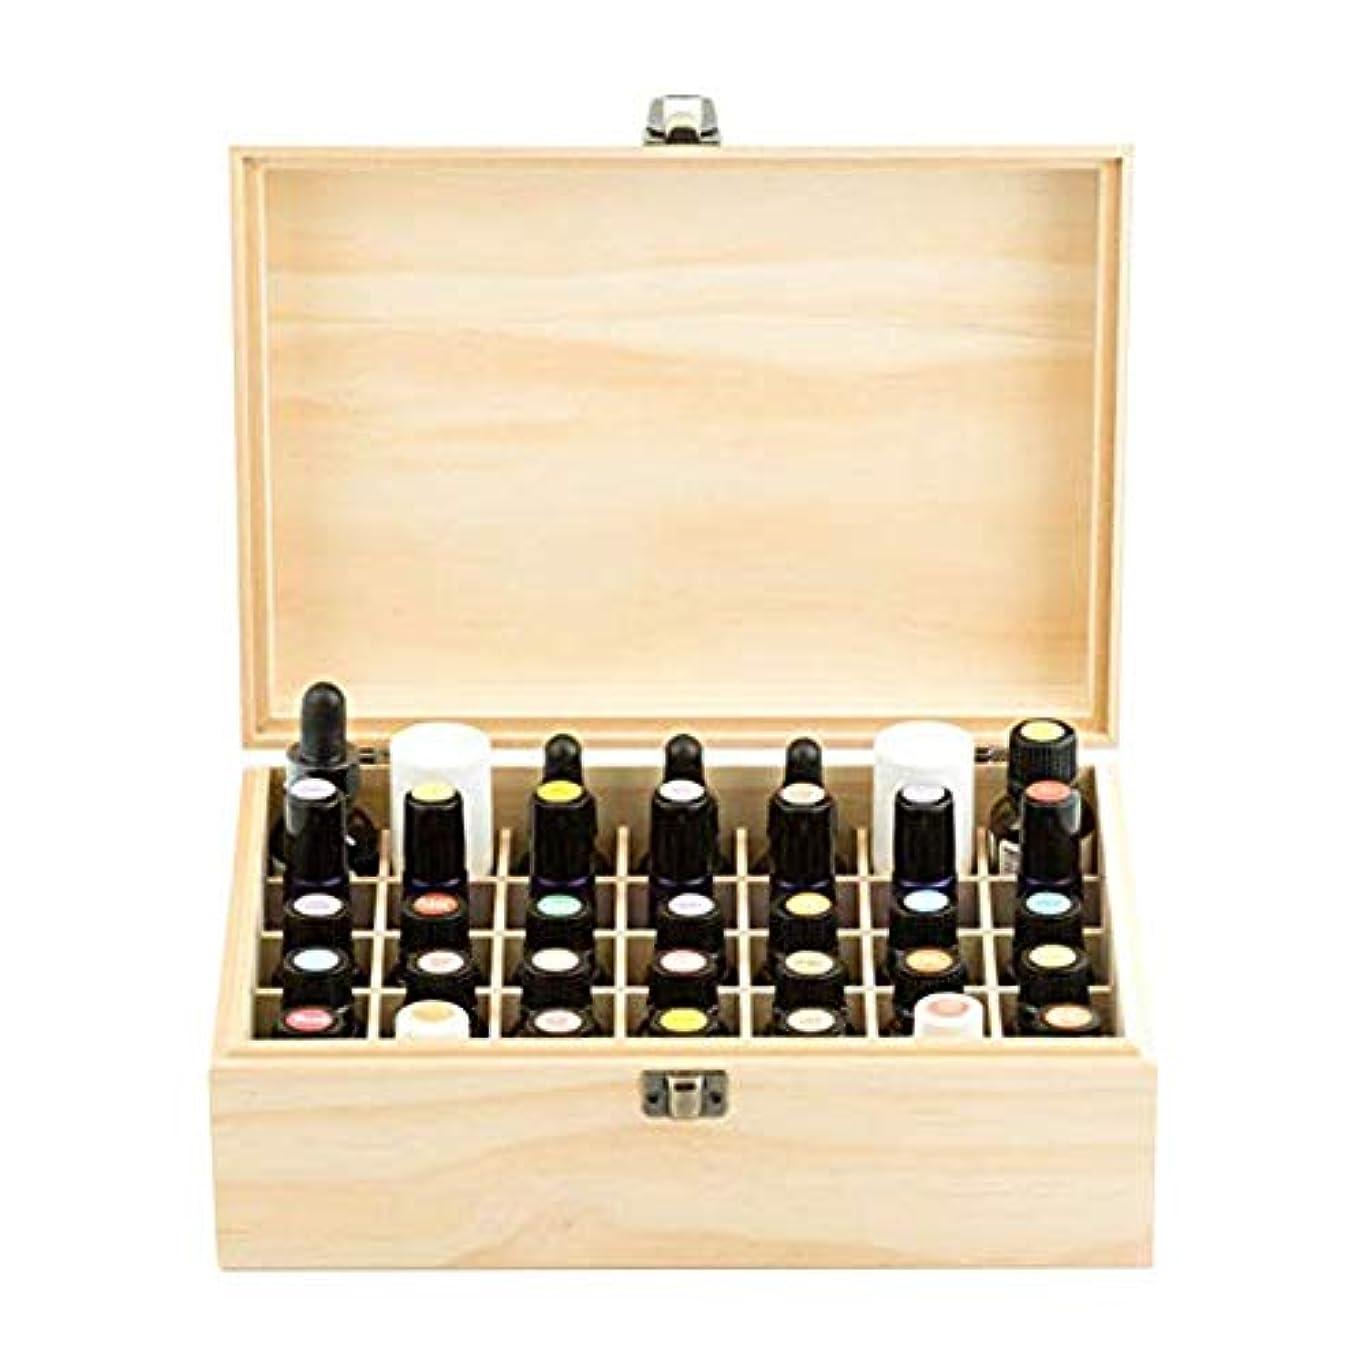 活性化会計士不純エッセンシャルオイル収納ボックス 純木の精油の収納箱 香水収納ケース アロマオイル収納ボックス 35本用